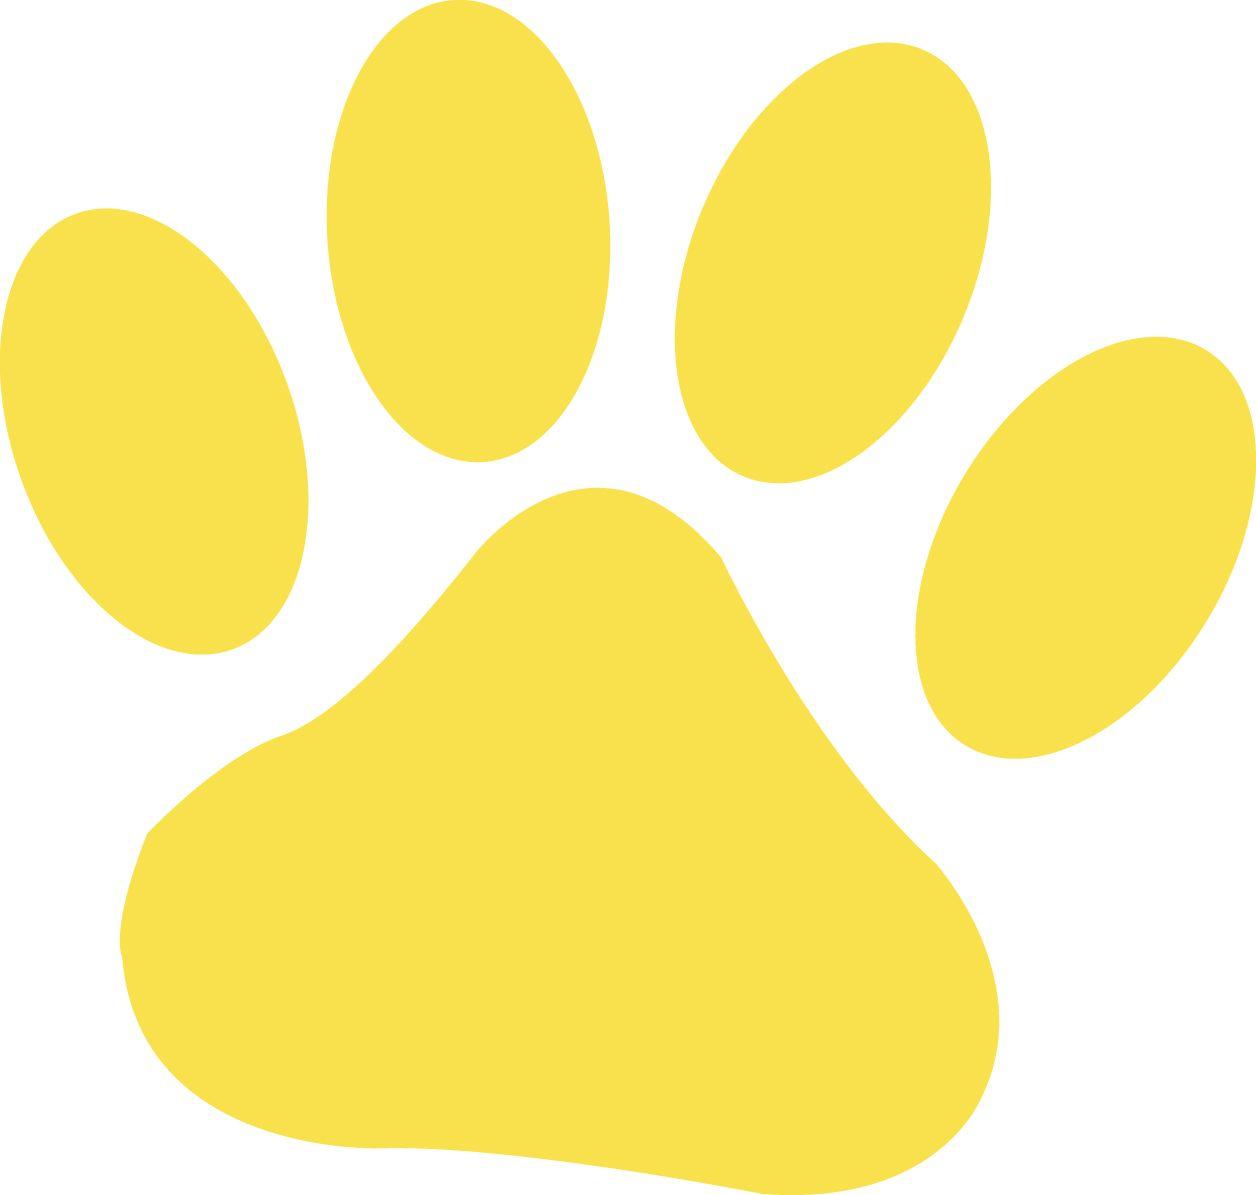 dfc1ac79af0e Lion King - Yellow Paw print | Lion King Theme | Cat paws, Lion paw ...